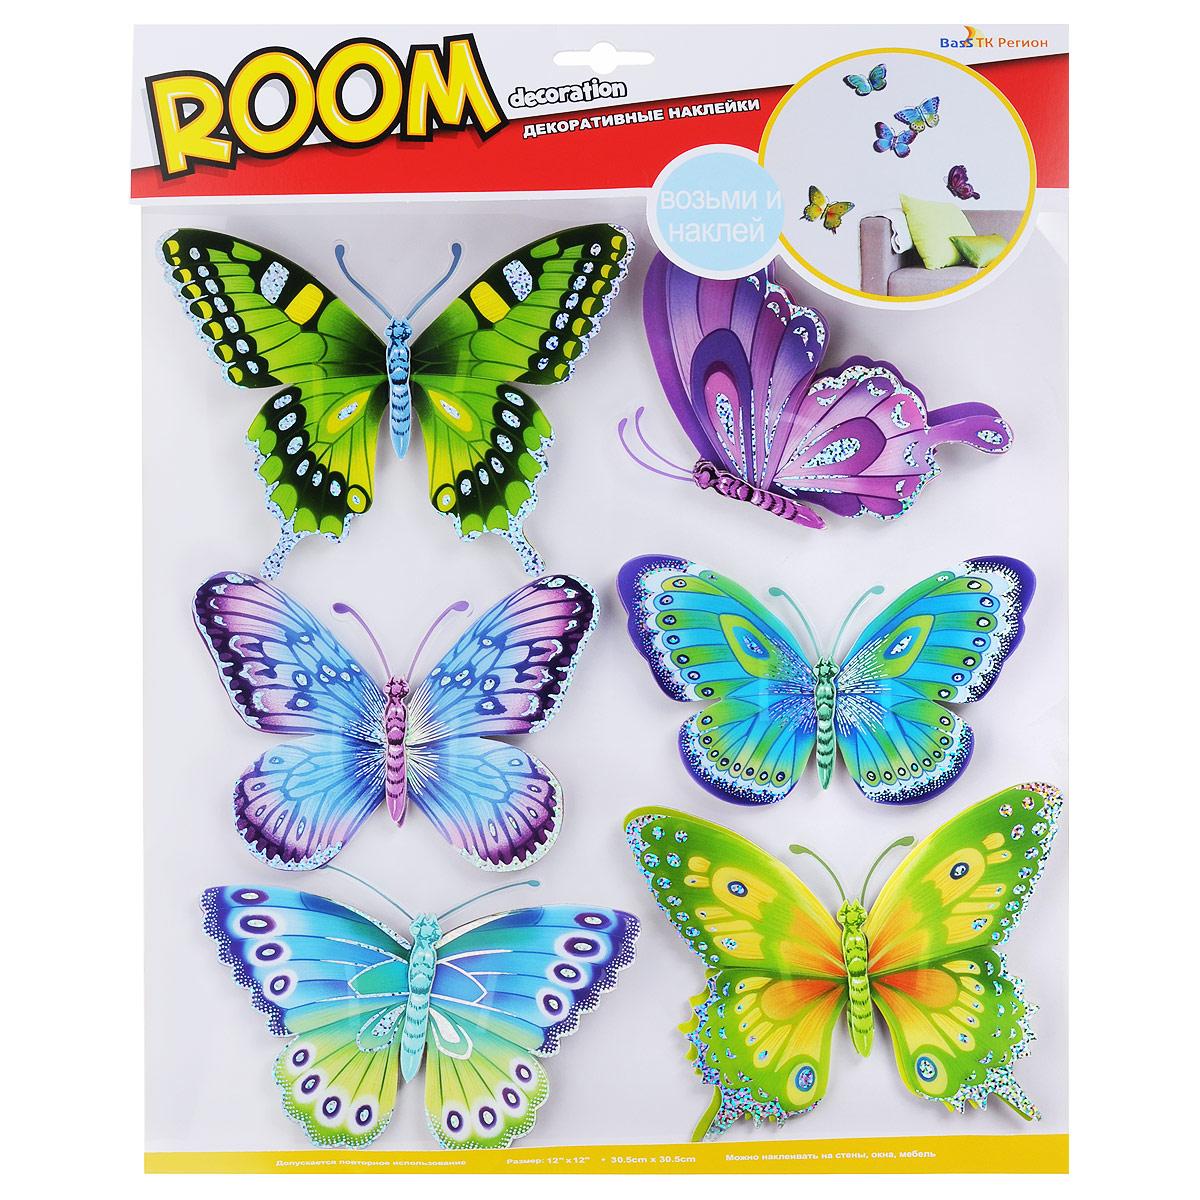 Наклейки для интерьера Room Decoration Блестящие бабочки, 30,5 х 30,5 смKCO-30-658479Наклейки для стен и предметов интерьера Room Decoration Блестящие бабочки, изготовленные из экологически безопасной самоклеящейся виниловой пленки - это удивительно простой и быстрый способ оживить интерьер помещения. На одном листе расположены 6 наклеек в виде бабочек с серебристыми переливающимися вставками.Интерьерные наклейки дадут вам вдохновение, которое изменит вашу жизнь и поможет погрузиться в мир ярких красок, фантазий и творчества. Для вас открываются безграничные возможности придумать оригинальный дизайн и придать новый вид стенам и мебели. Наклейки абсолютно безопасны для здоровья. Они быстро и легко наклеиваются на любые ровные поверхности: стены, окна, двери, кафельную плитку, виниловые и флизелиновые обои, стекла, мебель. При необходимости удобно снимаются, не оставляют следов и не повреждают поверхность (кроме бумажных обоев). Наклейки Room Decoration Блестящие бабочки помогут вам изменить интерьер вокруг себя: в детской комнате и гостиной, на кухне и в прихожей, витрину кафе и магазина, детский садик и офис.